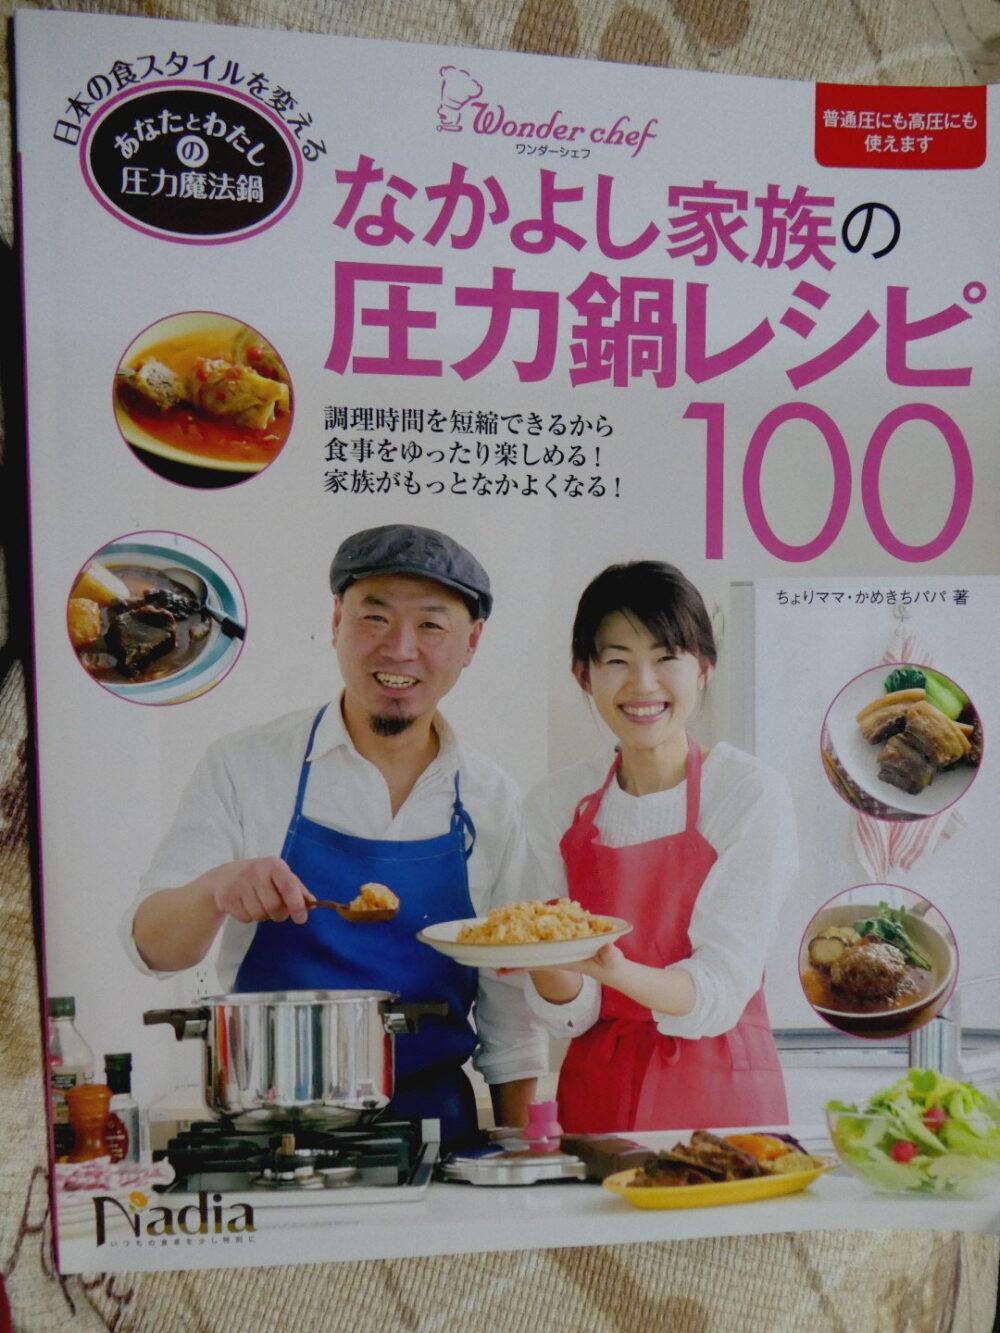 STAY HOME お家で楽しむ おすすめ圧力鍋 簡単レシピで美味しく料理を作ろう 使い方!